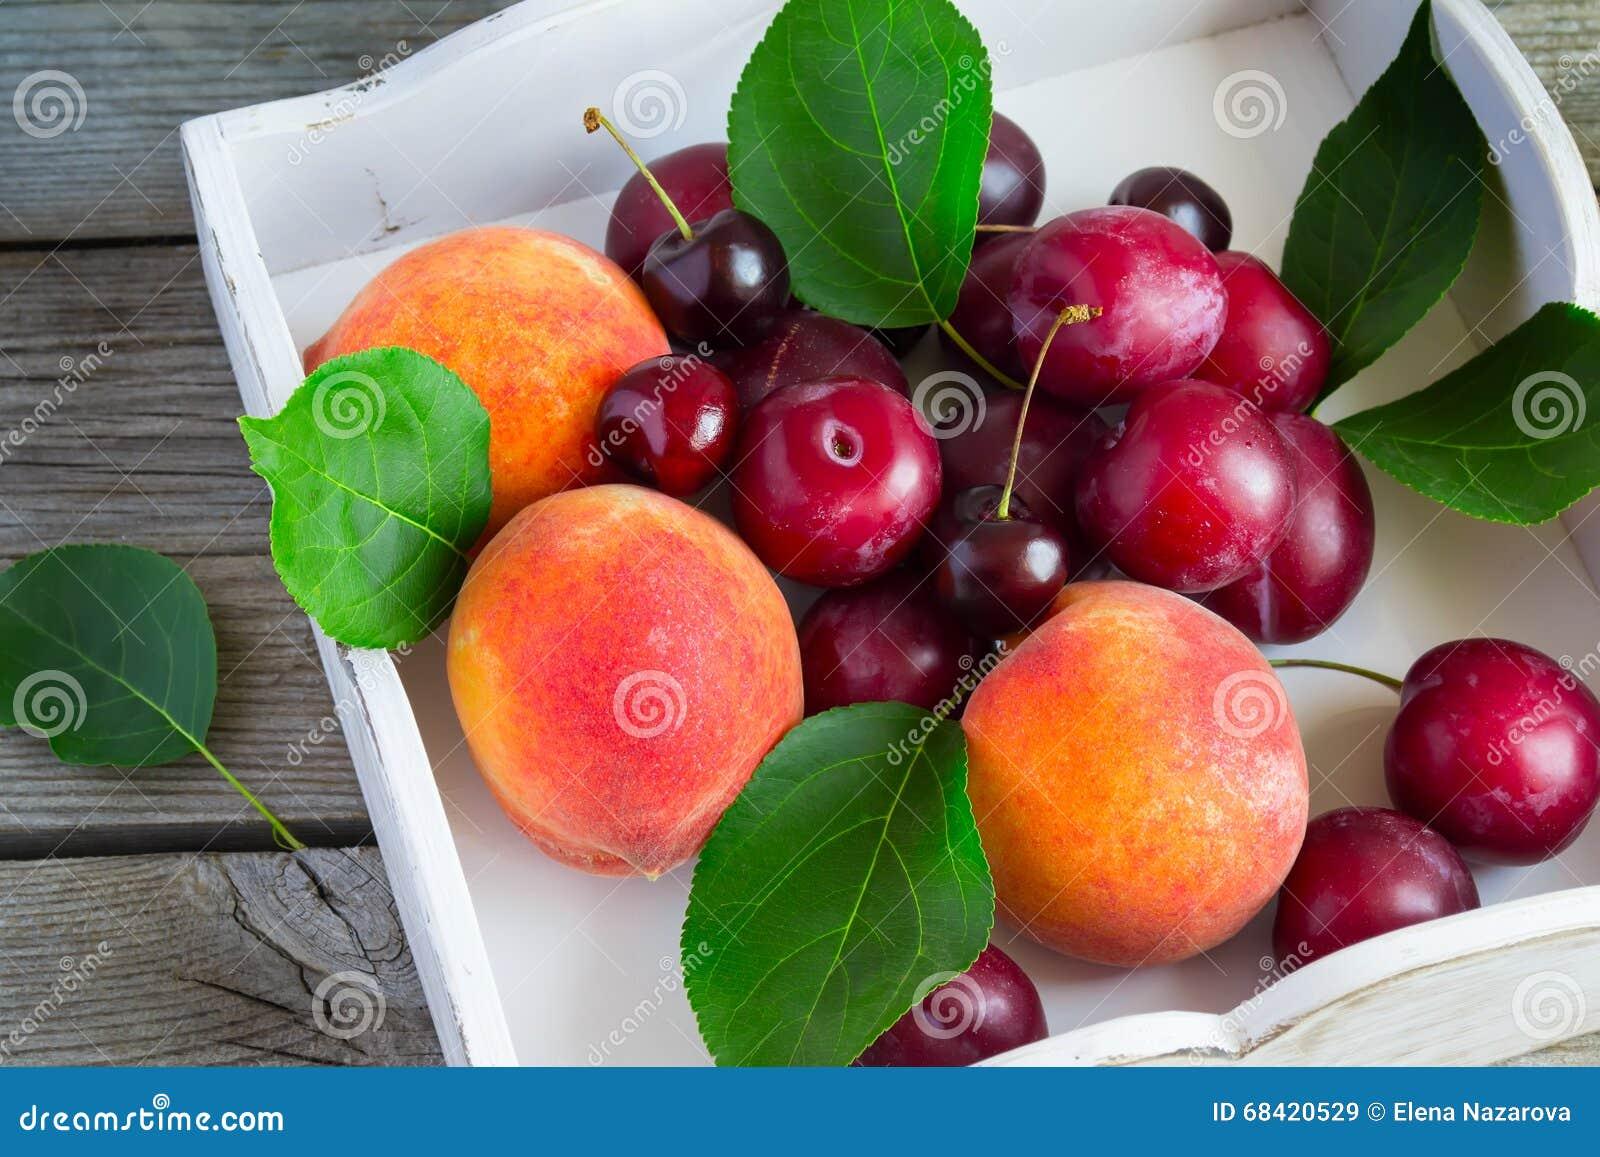 Uppsättning av frukt: persikor plommoner, körsbär på ett vitt magasin